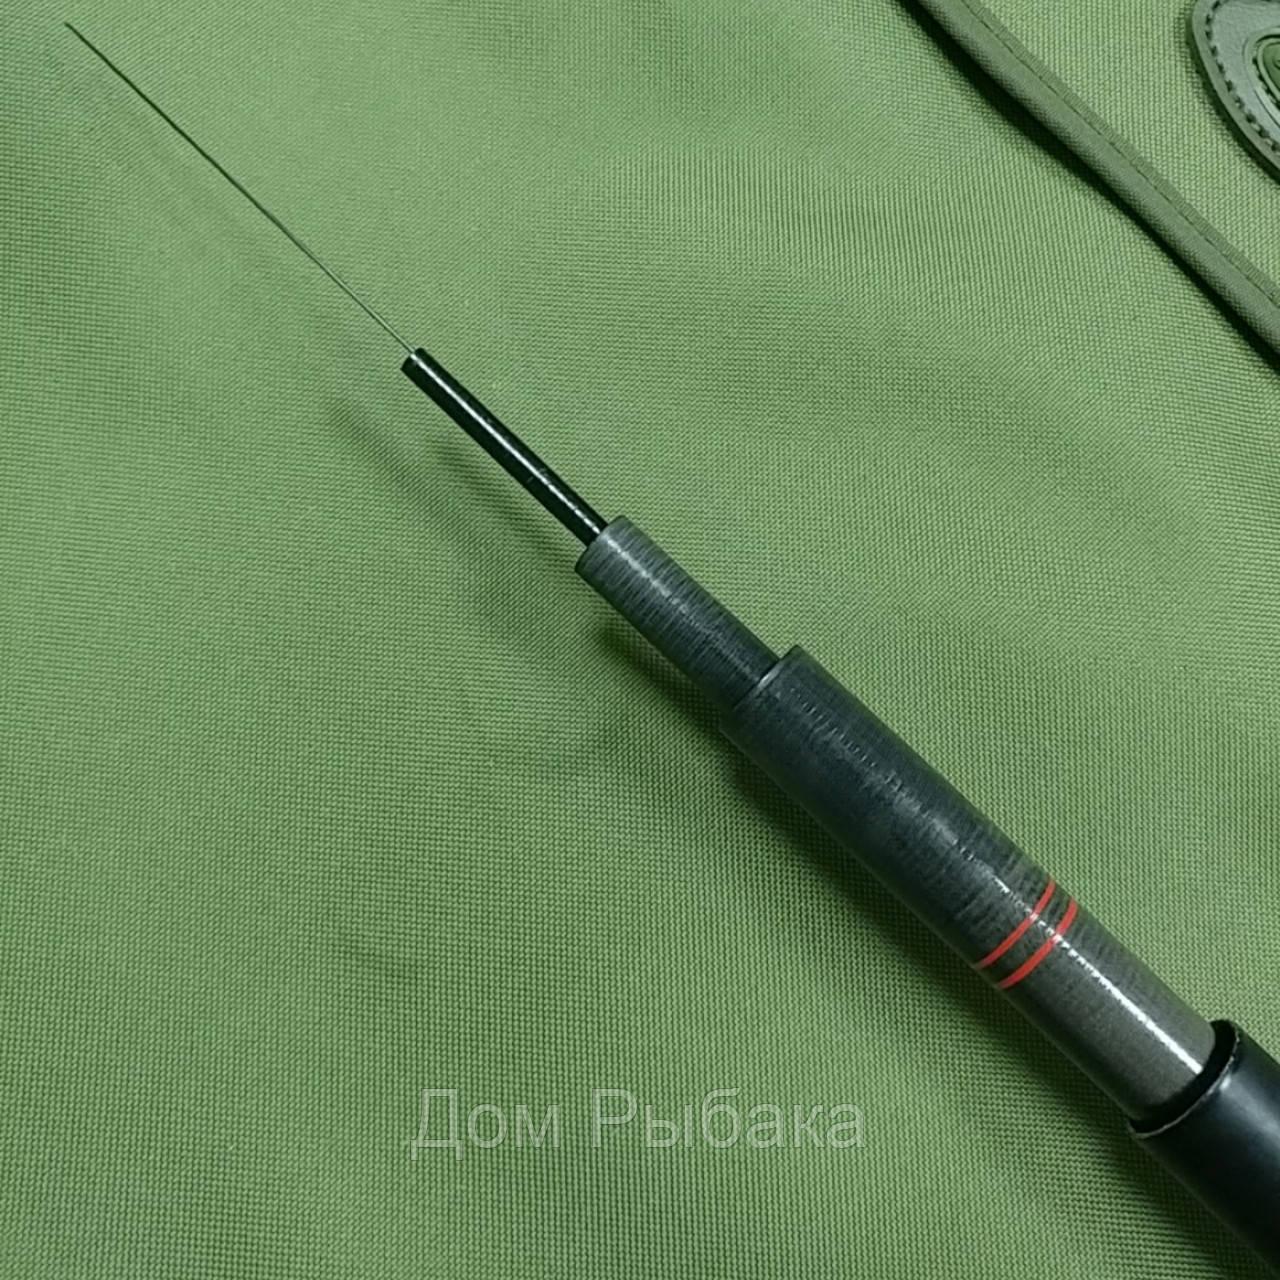 Удилище Spro Technica Carbon Tele 5м+кепка Spro в подарок(2528500), фото 1